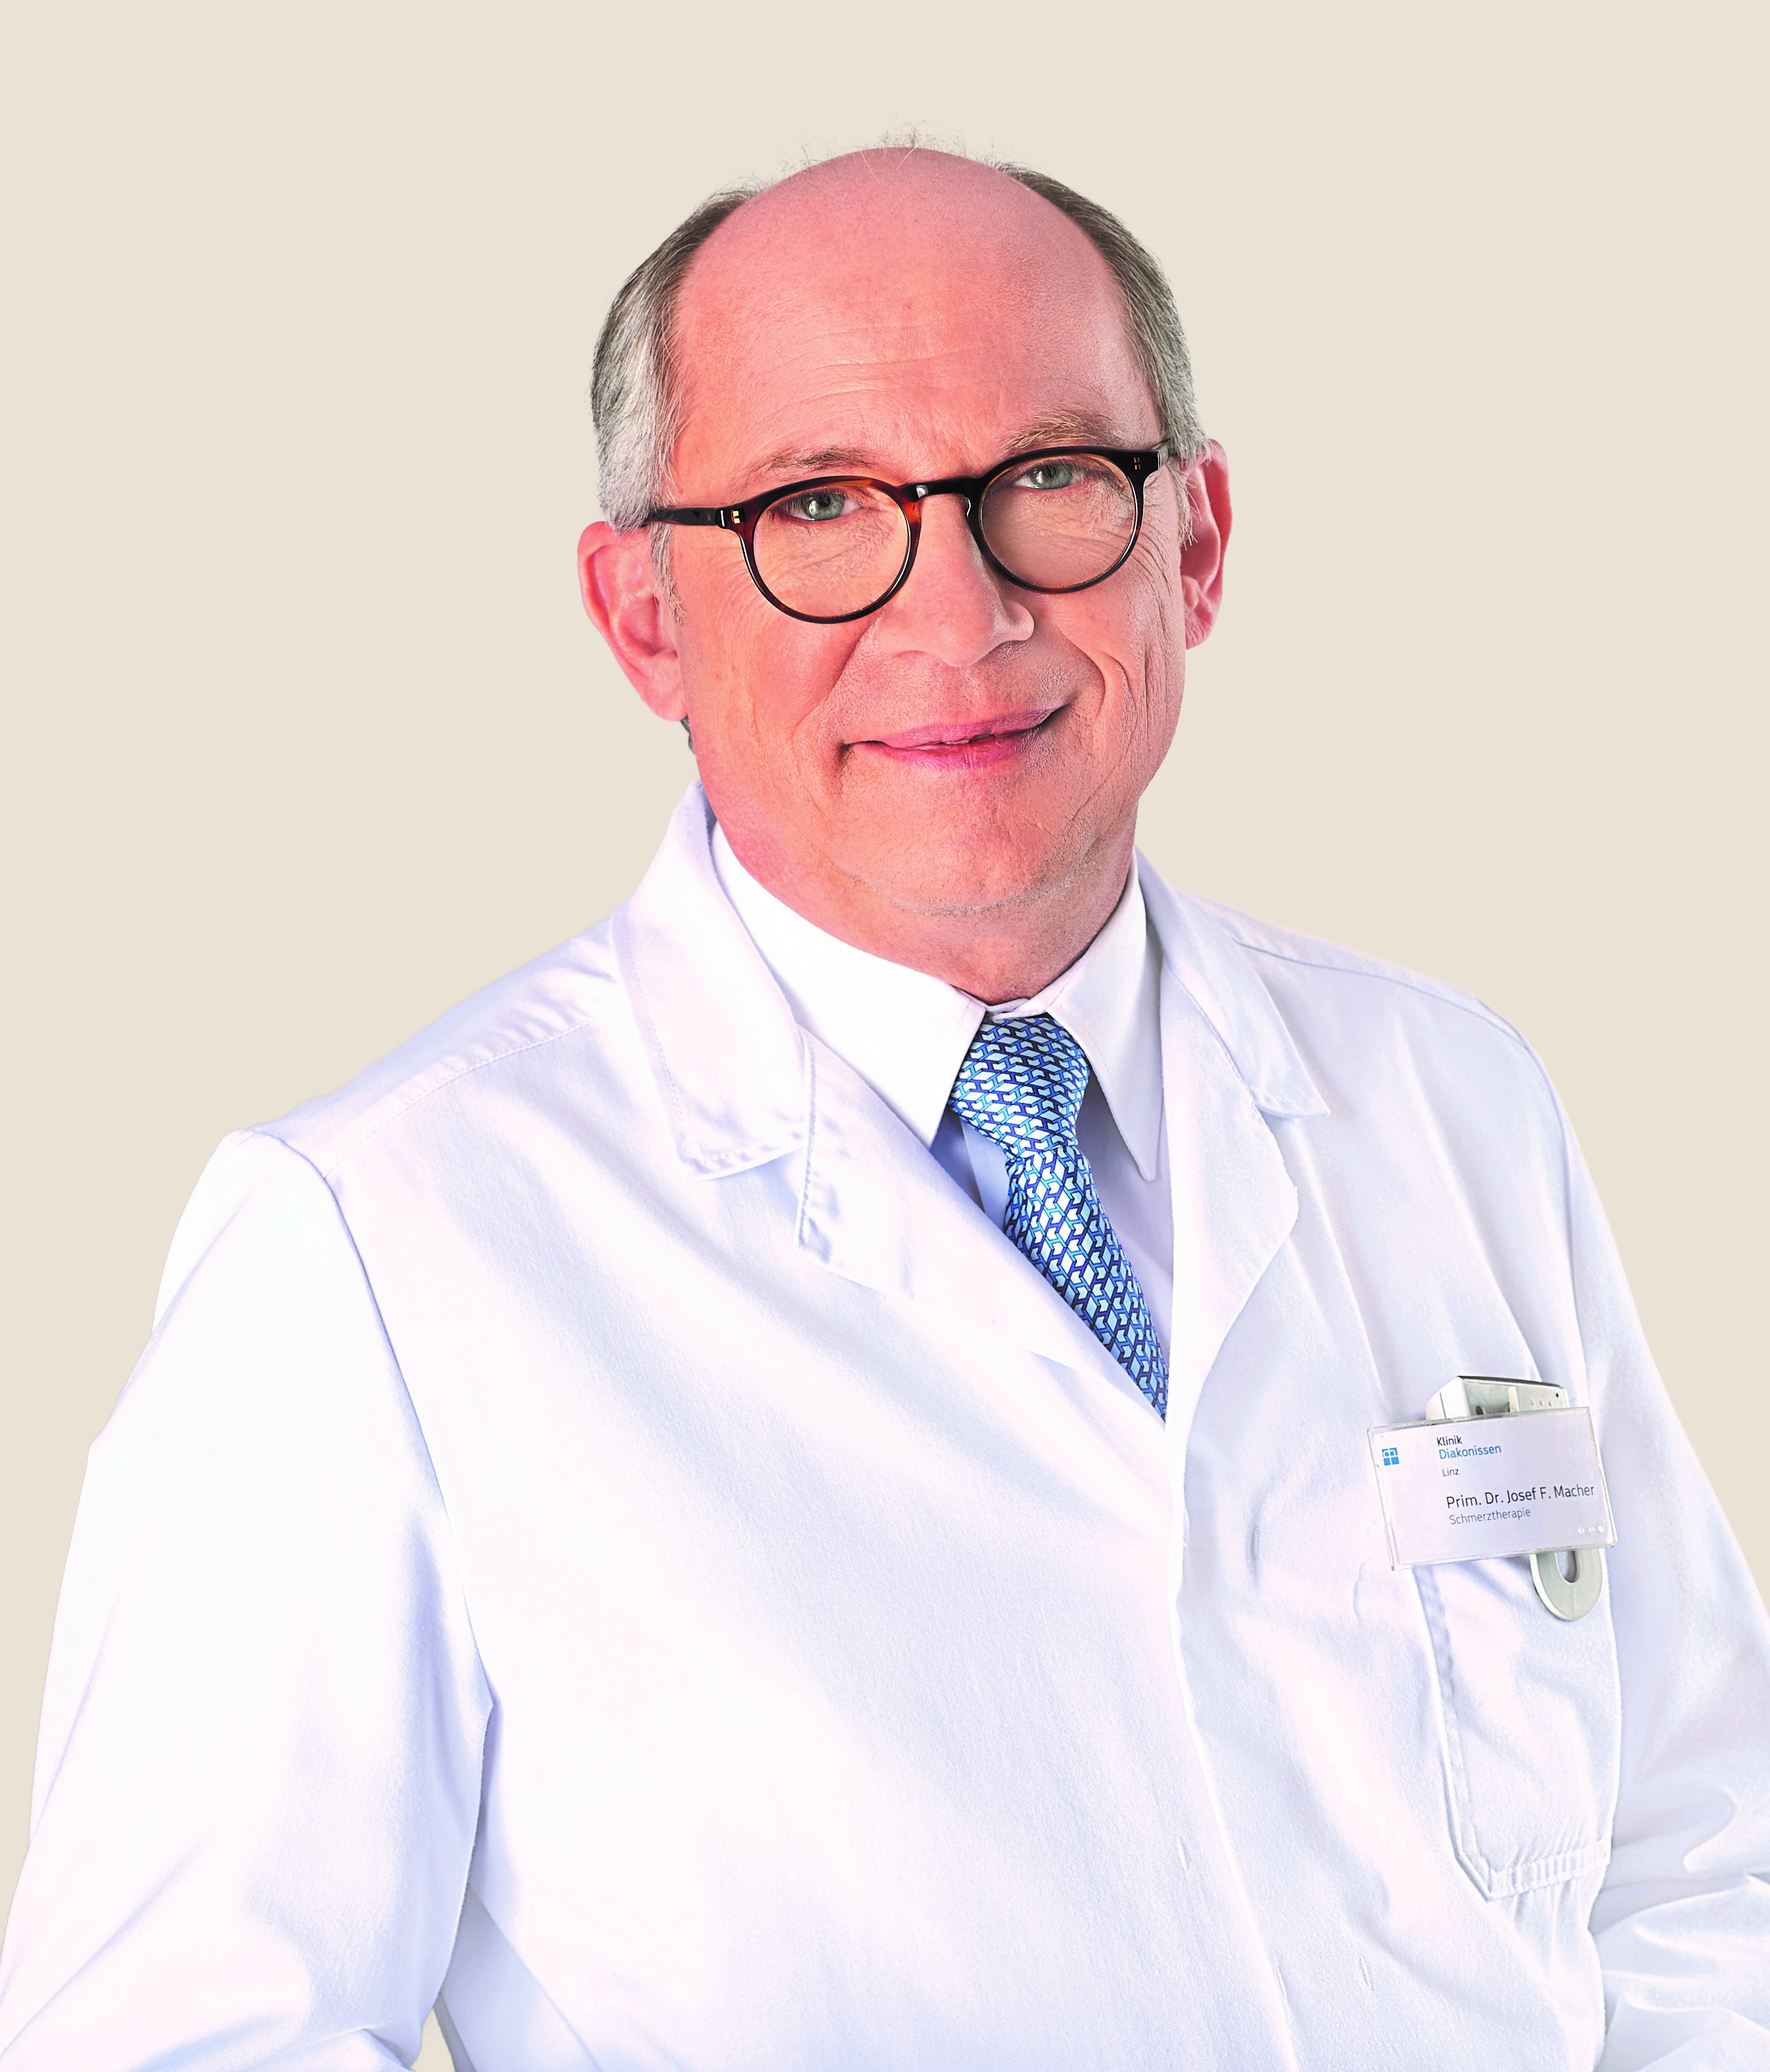 Prim. Dr. Josef Macher, Mitglied im wissenschaftlich-kulturellen Beirat von ISCO